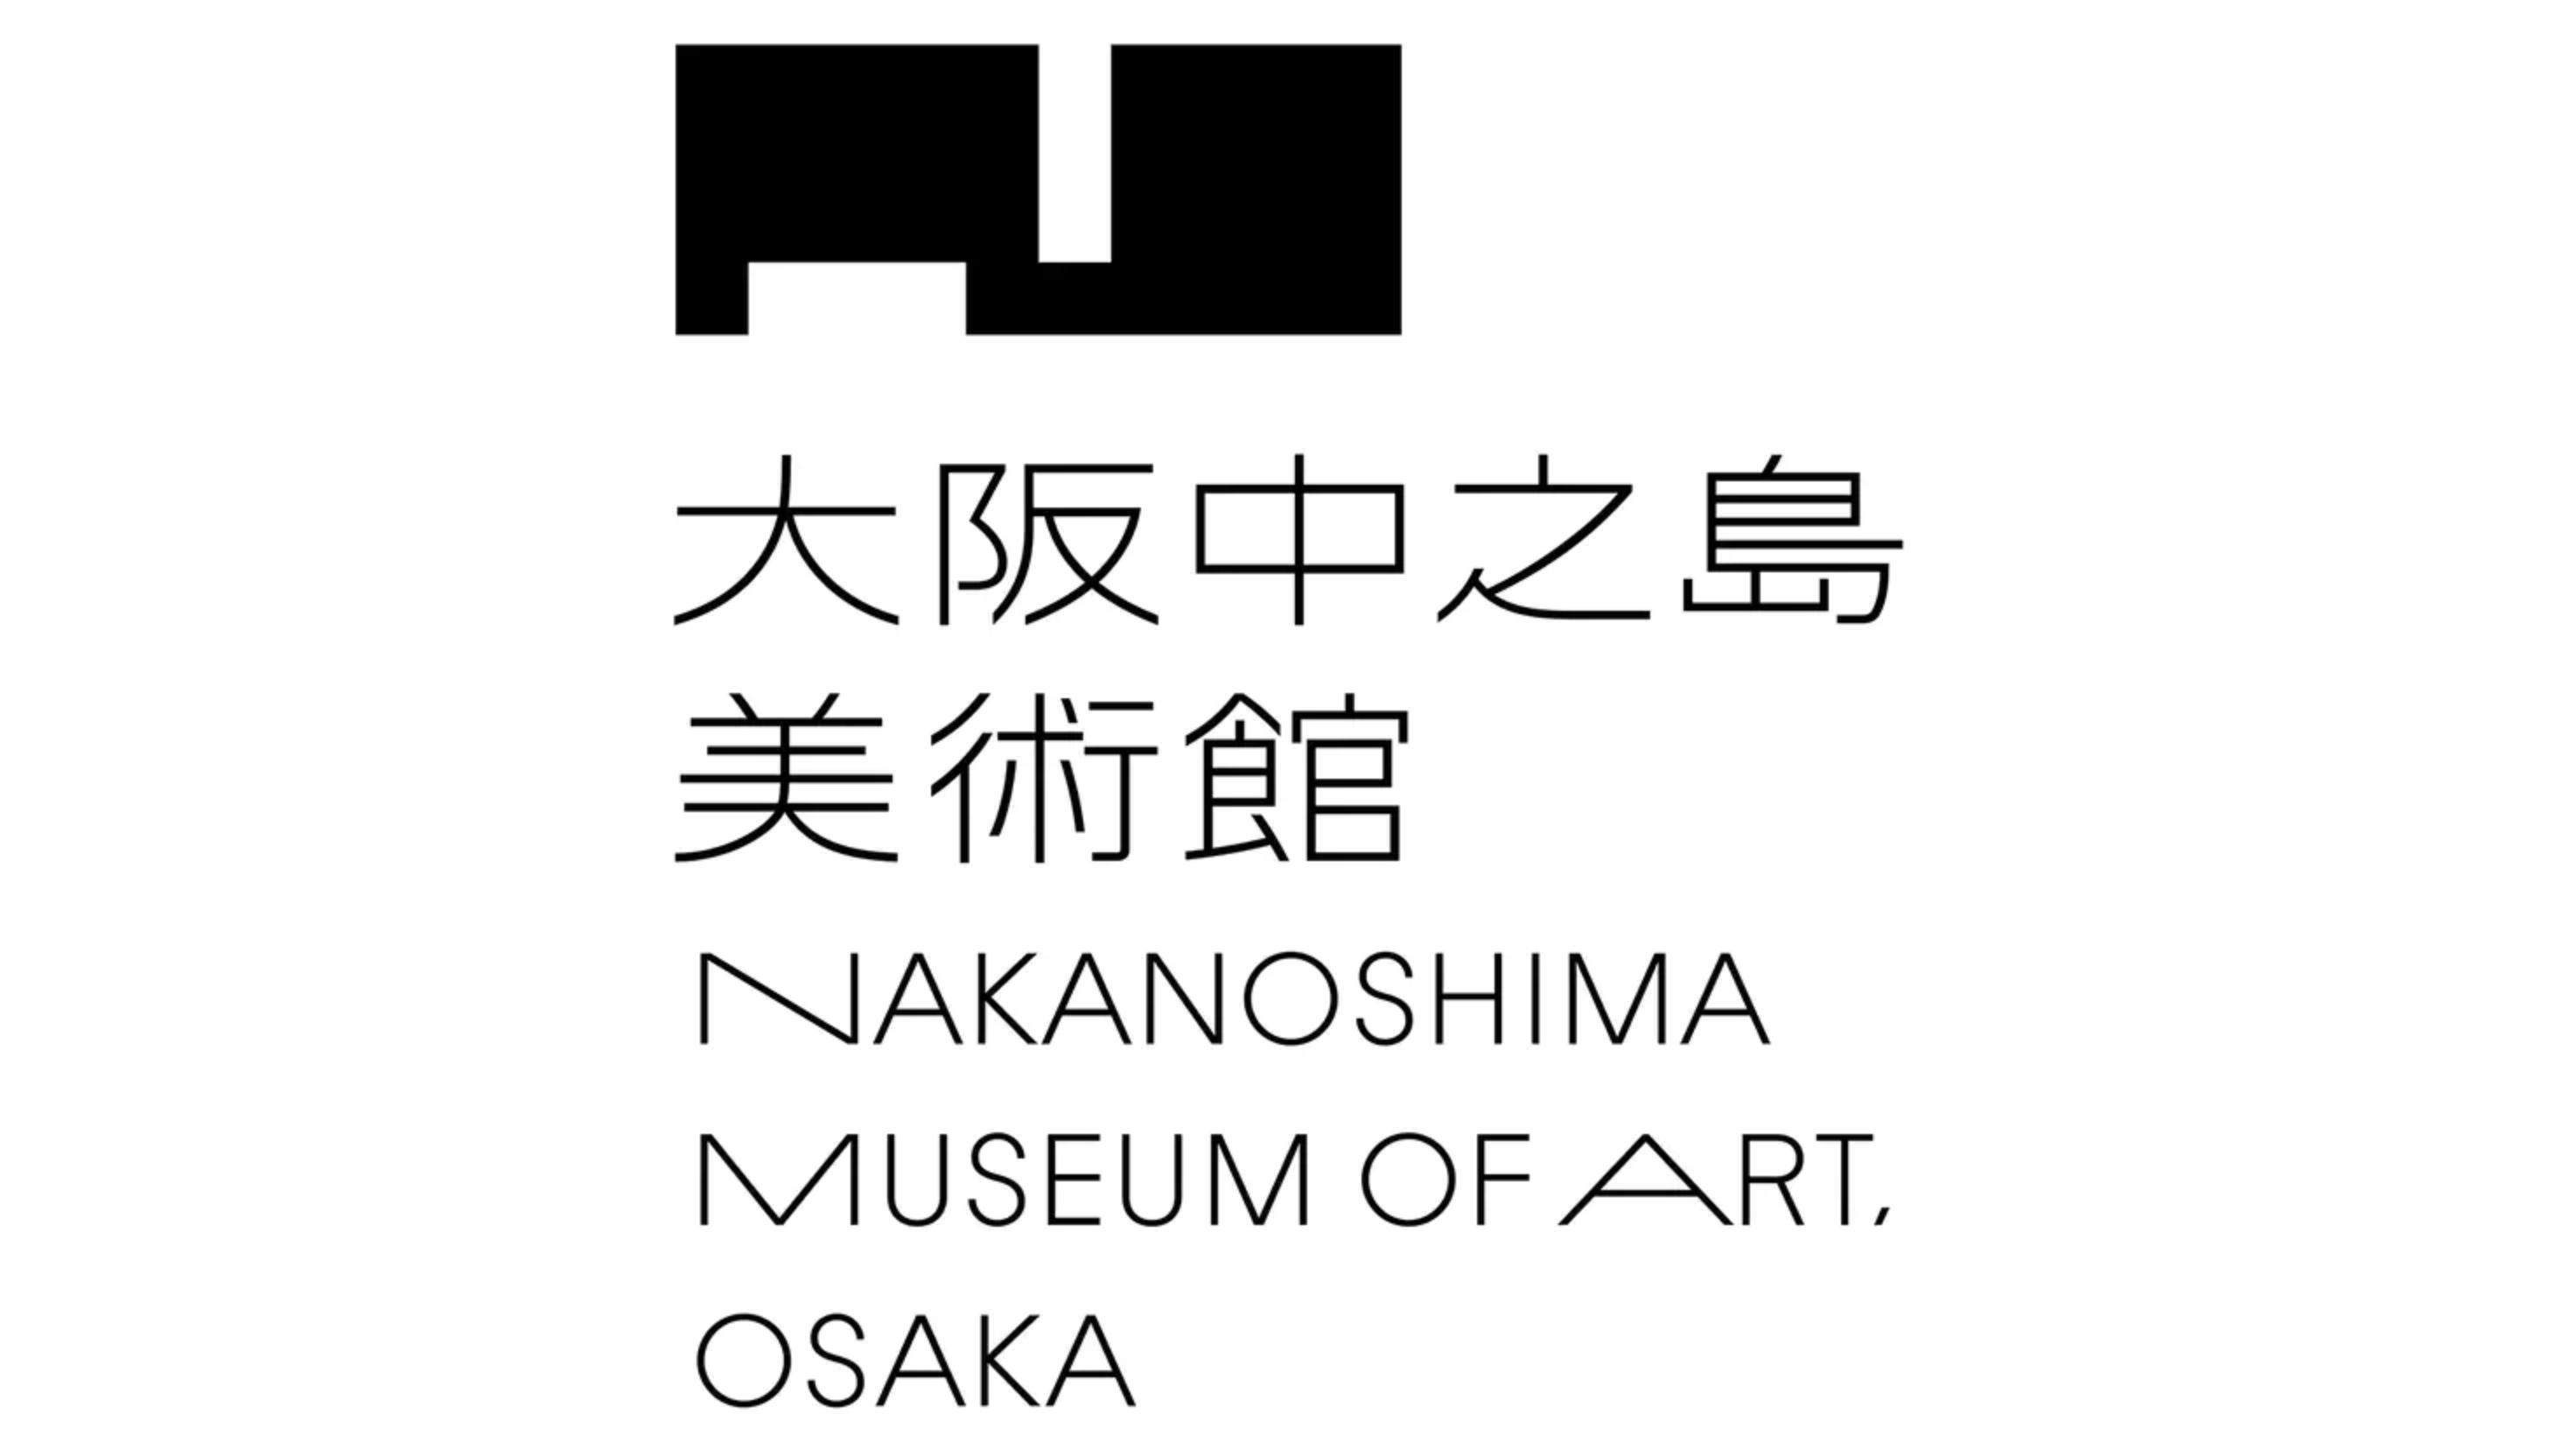 大阪中之島美術館ロゴ